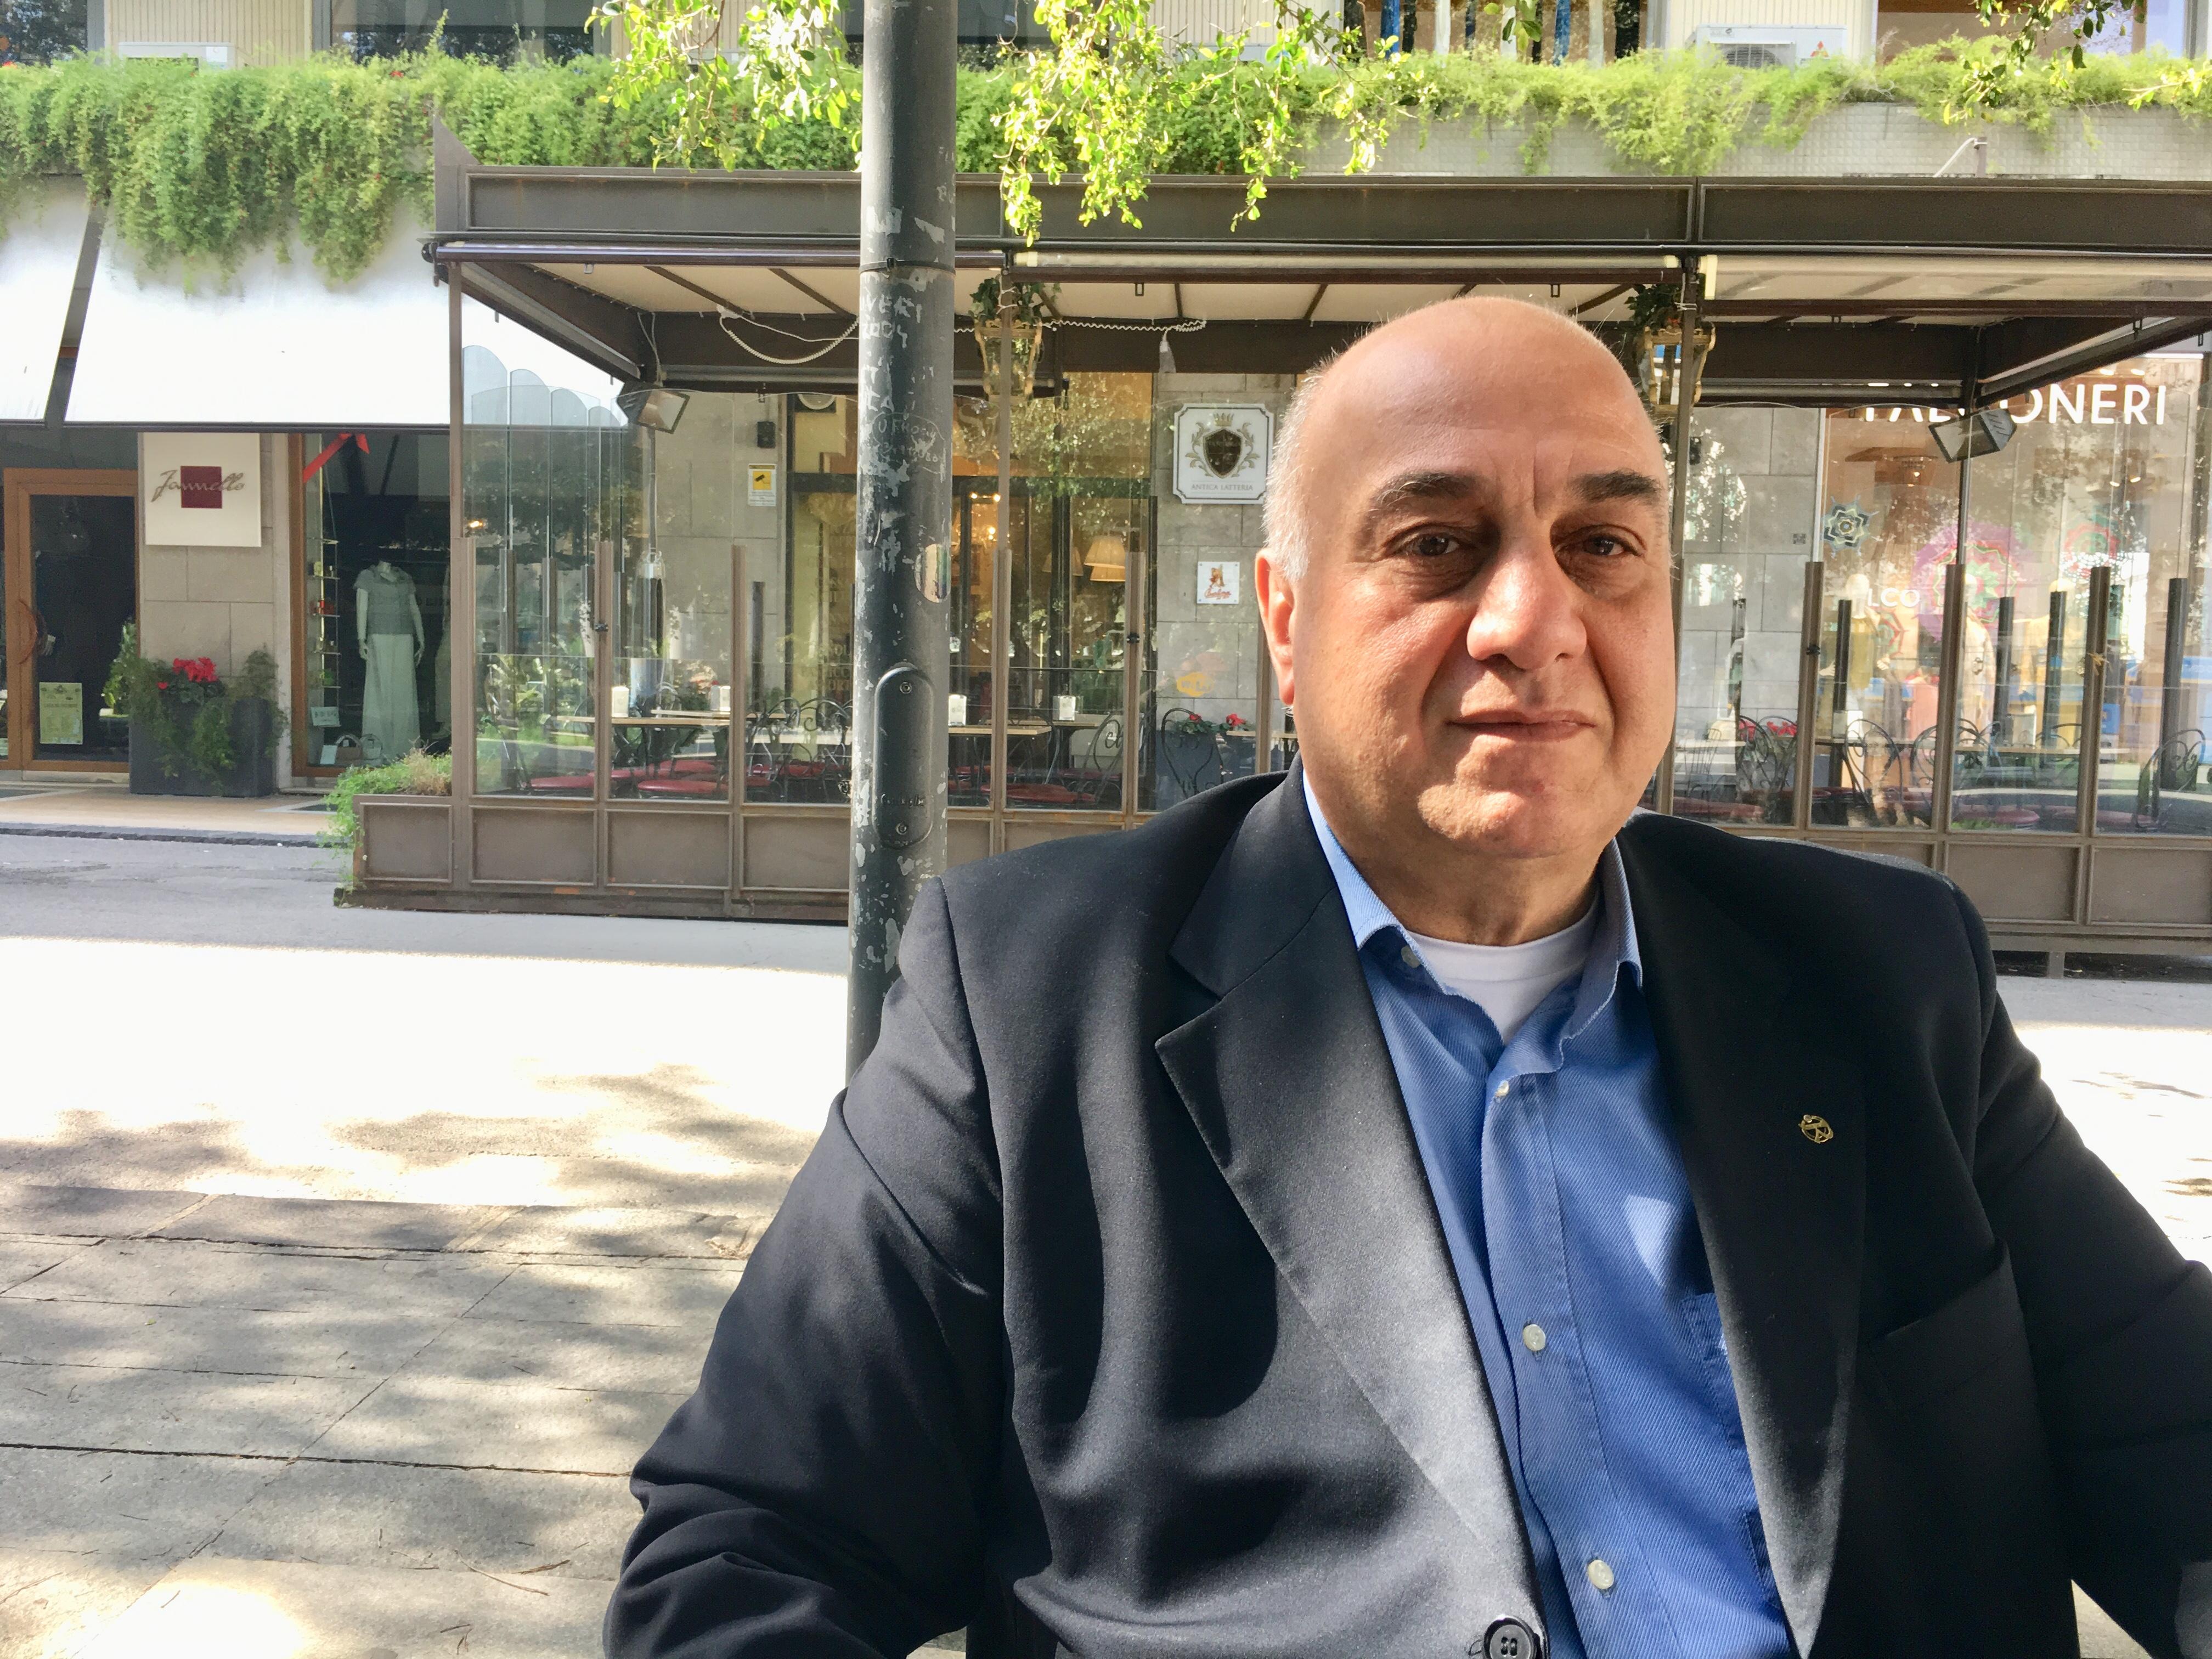 Prevenzione malattie, Arcigay Messina impegnata nella promozione e nell'informazione